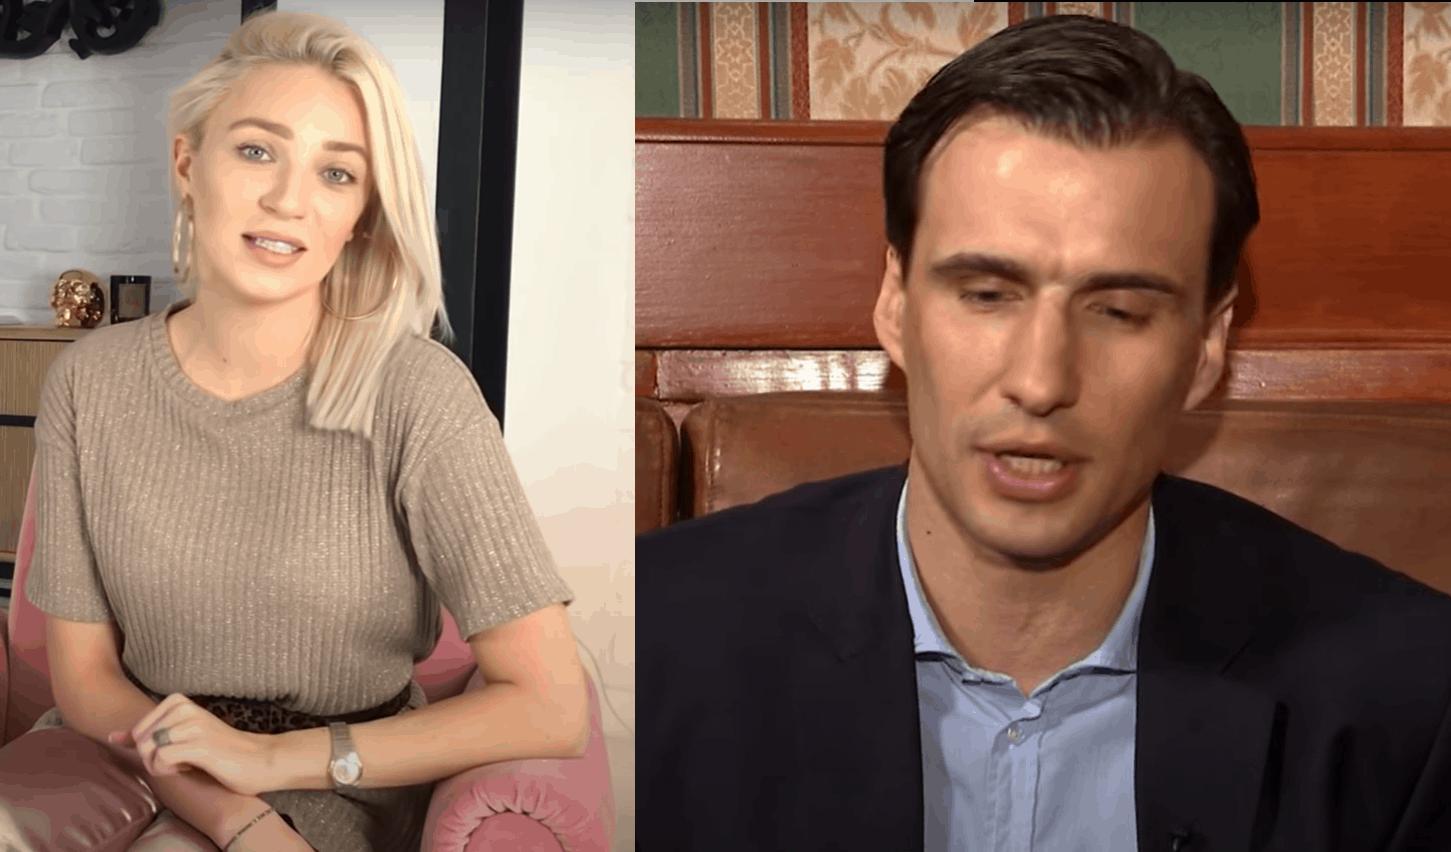 Wywiad: Martyna Gliwińska i Bieniuk tworzyli związek, nagle on zostawił kobietę w ciąży, rozstanie stało się faktem mimo, że na świat przyszło dziecko